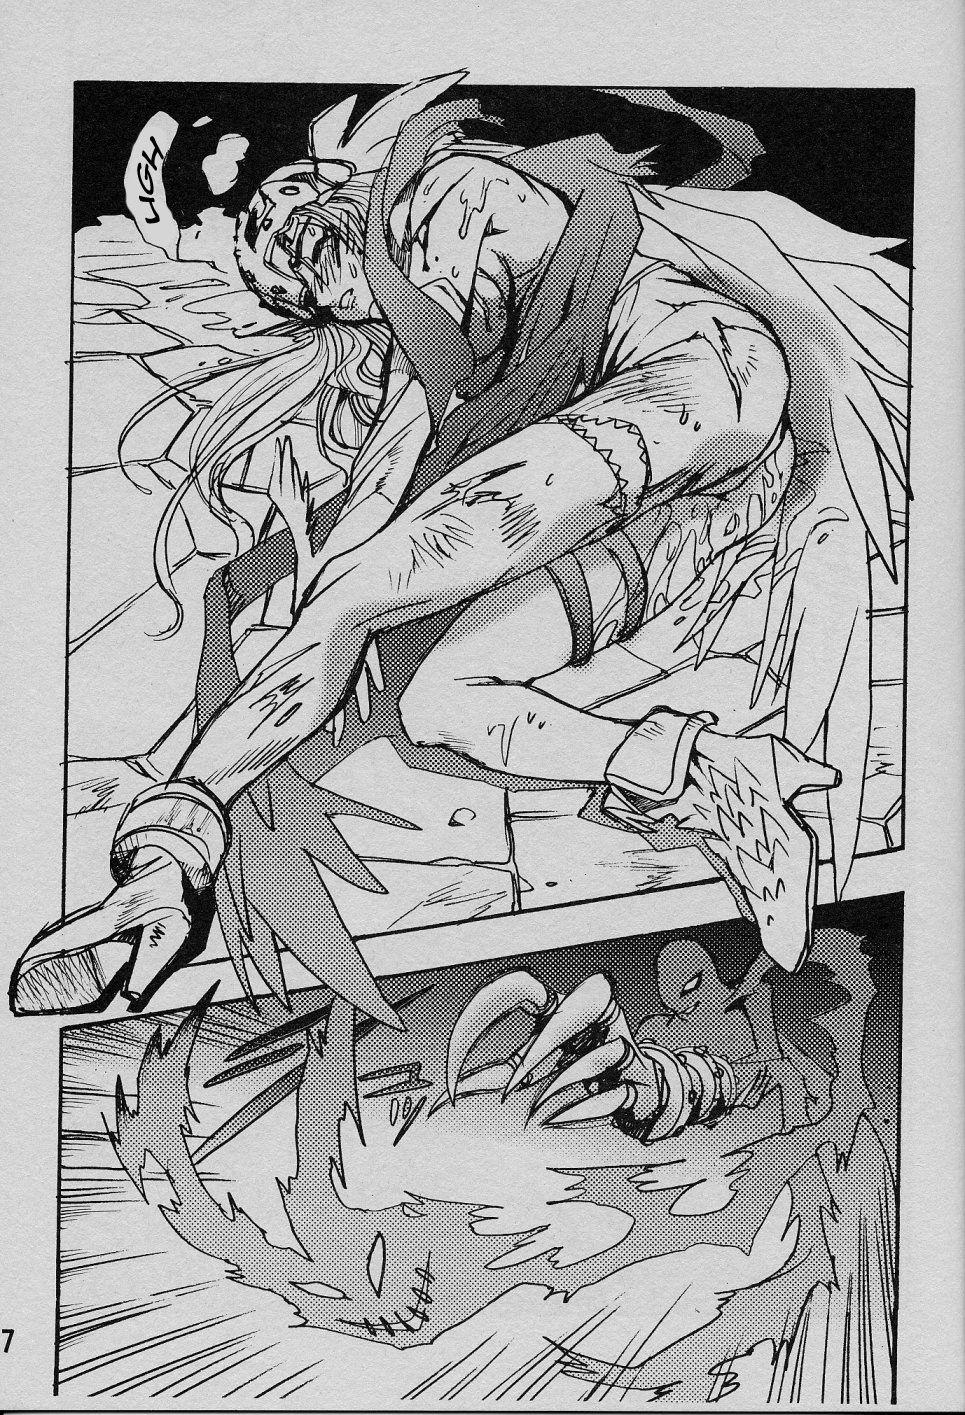 Angewomon à bela anjo caído hentai - Foto 16